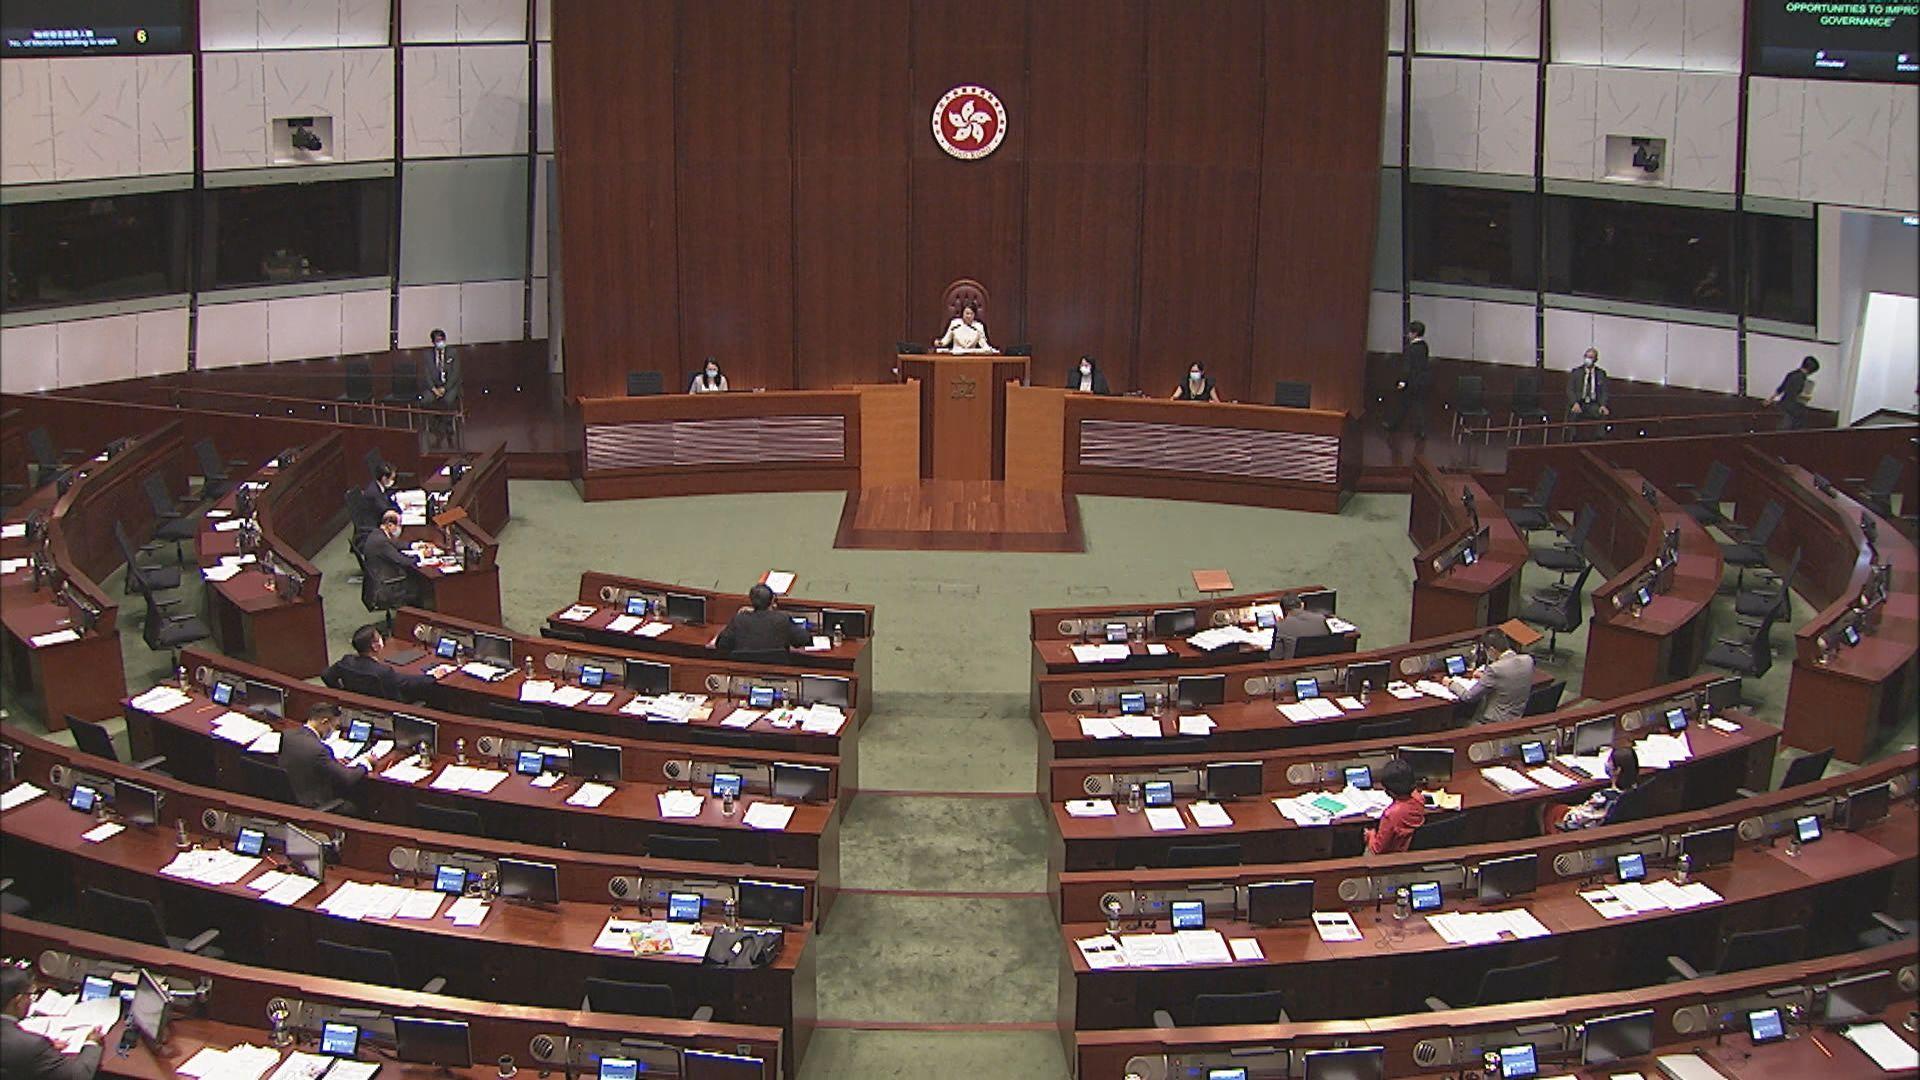 委員會研究再修改議事規則 流會時缺席議員要罰款